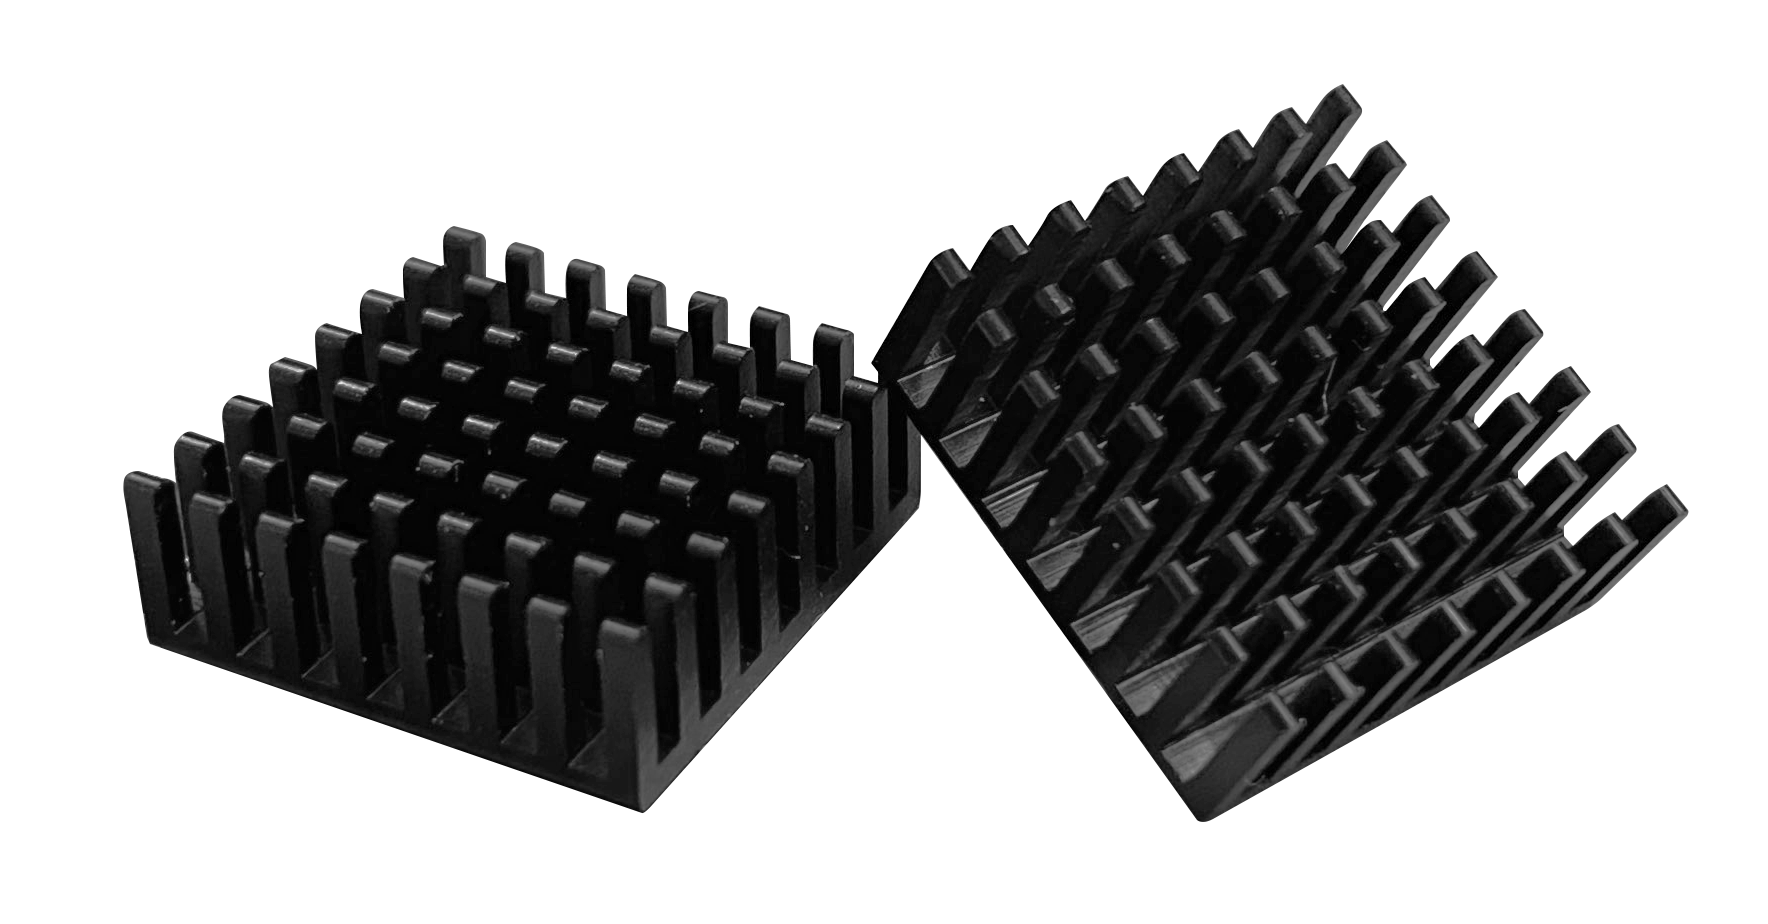 M.2 SSD Heatsink x 2